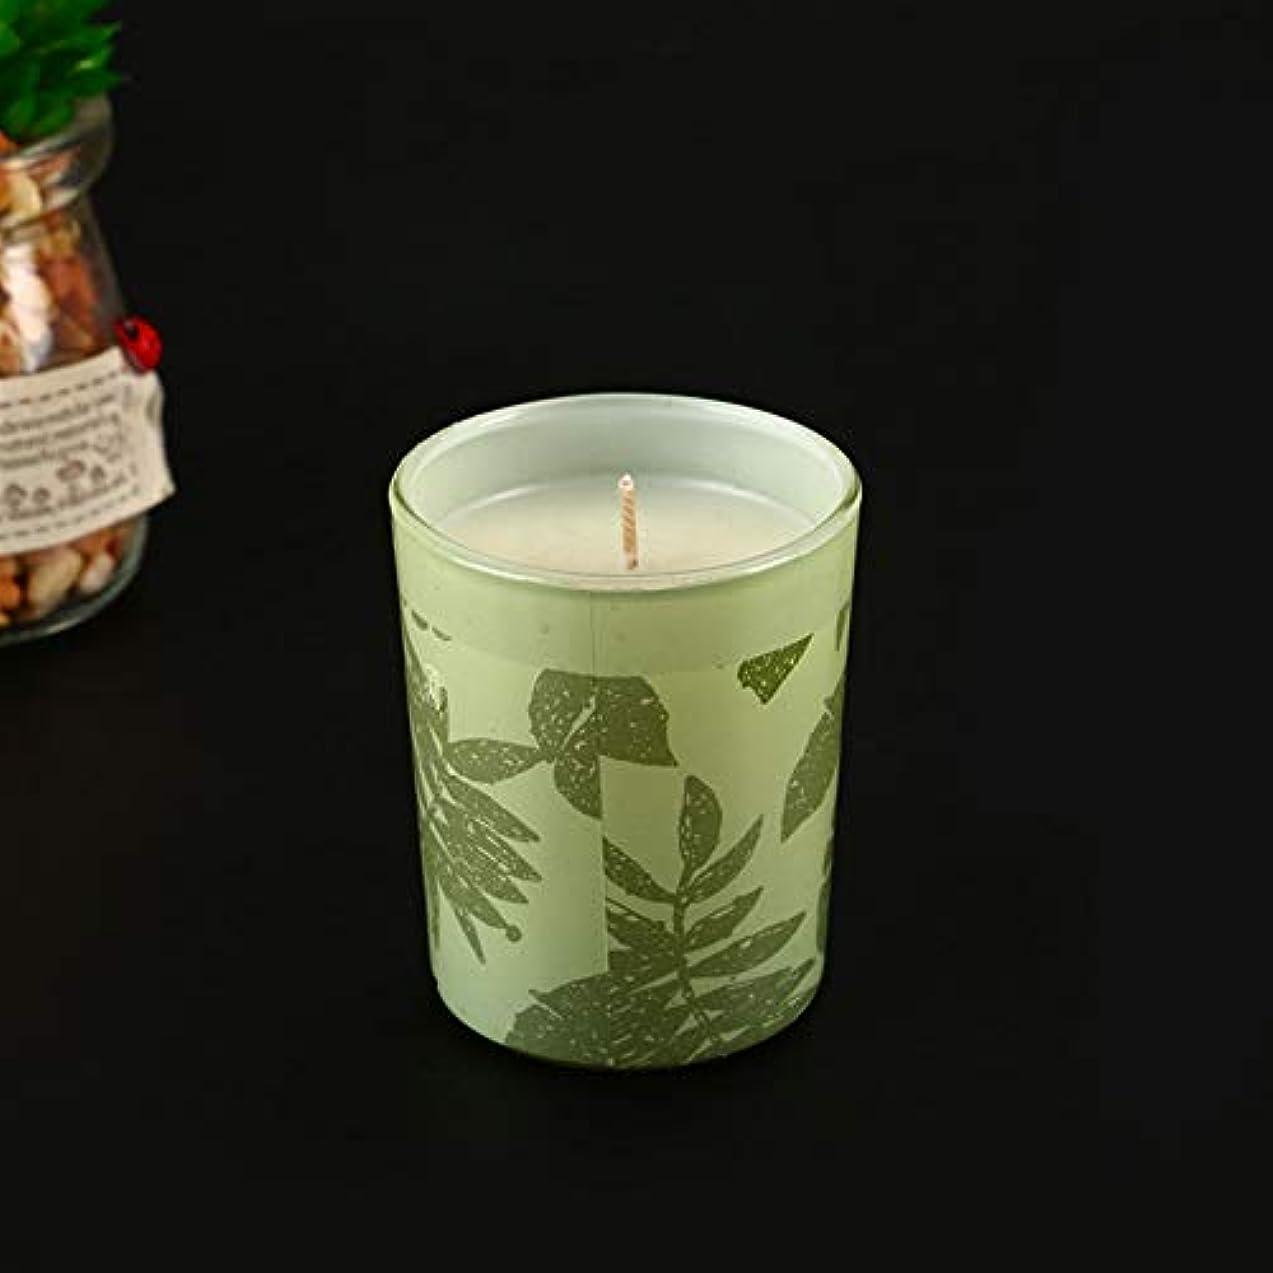 フェロー諸島生息地歯科のZtian アロマセラピーキャンドルガラス香料入りキャンドル無煙大豆キャンドル誕生日キャンドル (色 : Green tea)